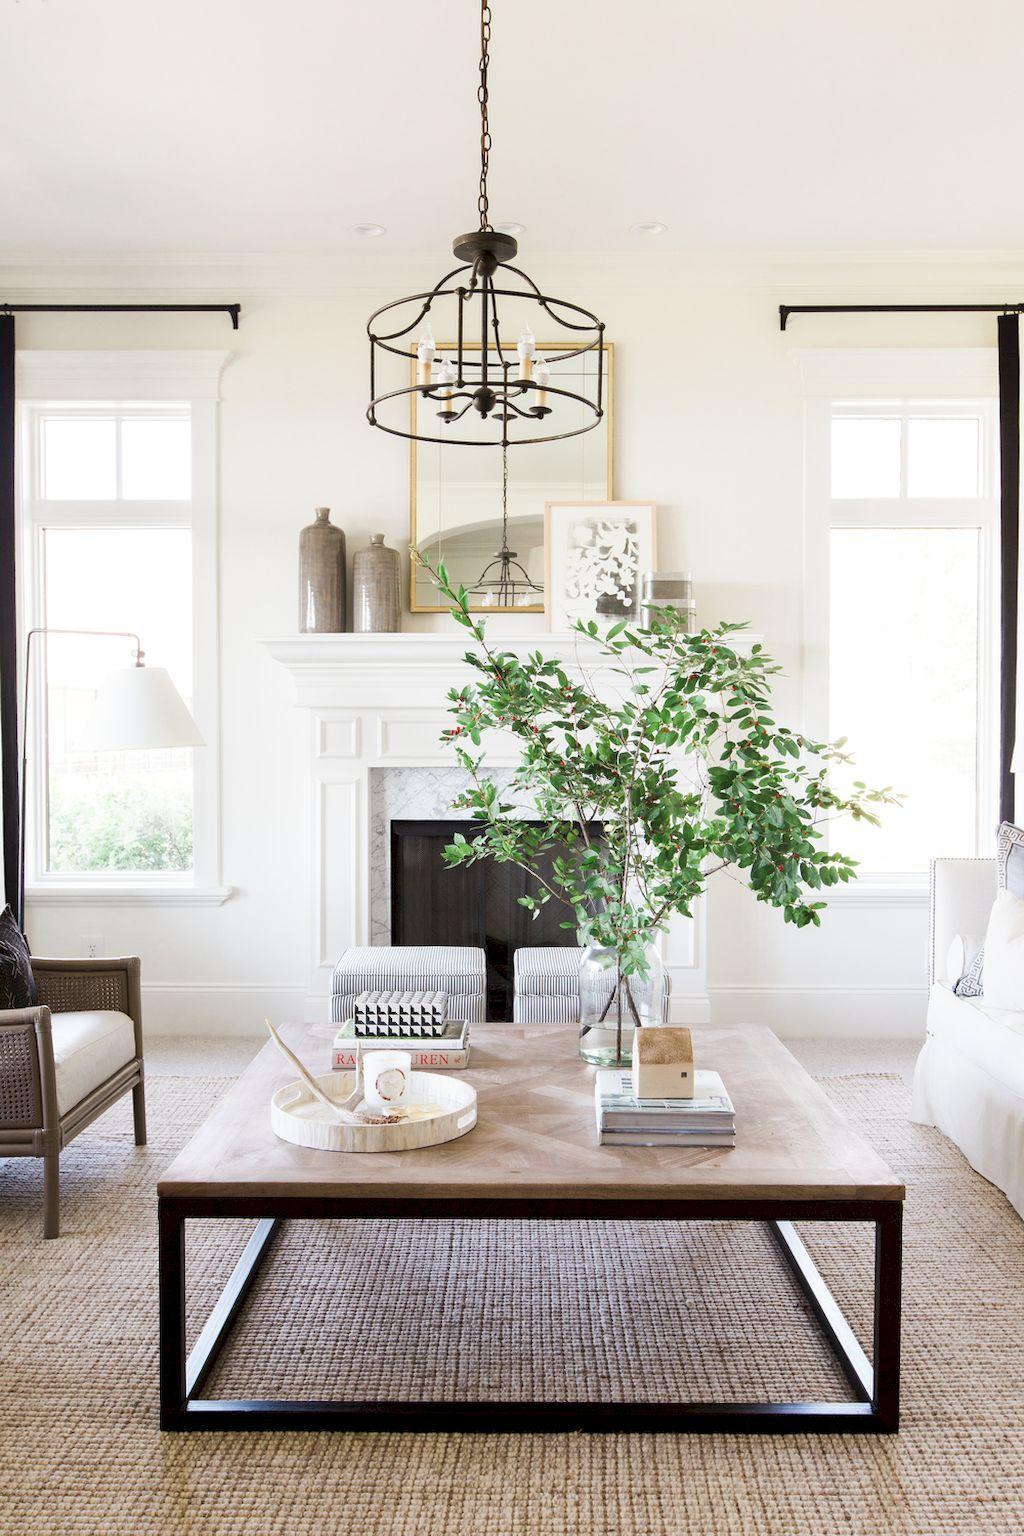 Awesome 60 Cozy Minimalist Living Room Design Ideas Https://homevialand.com/